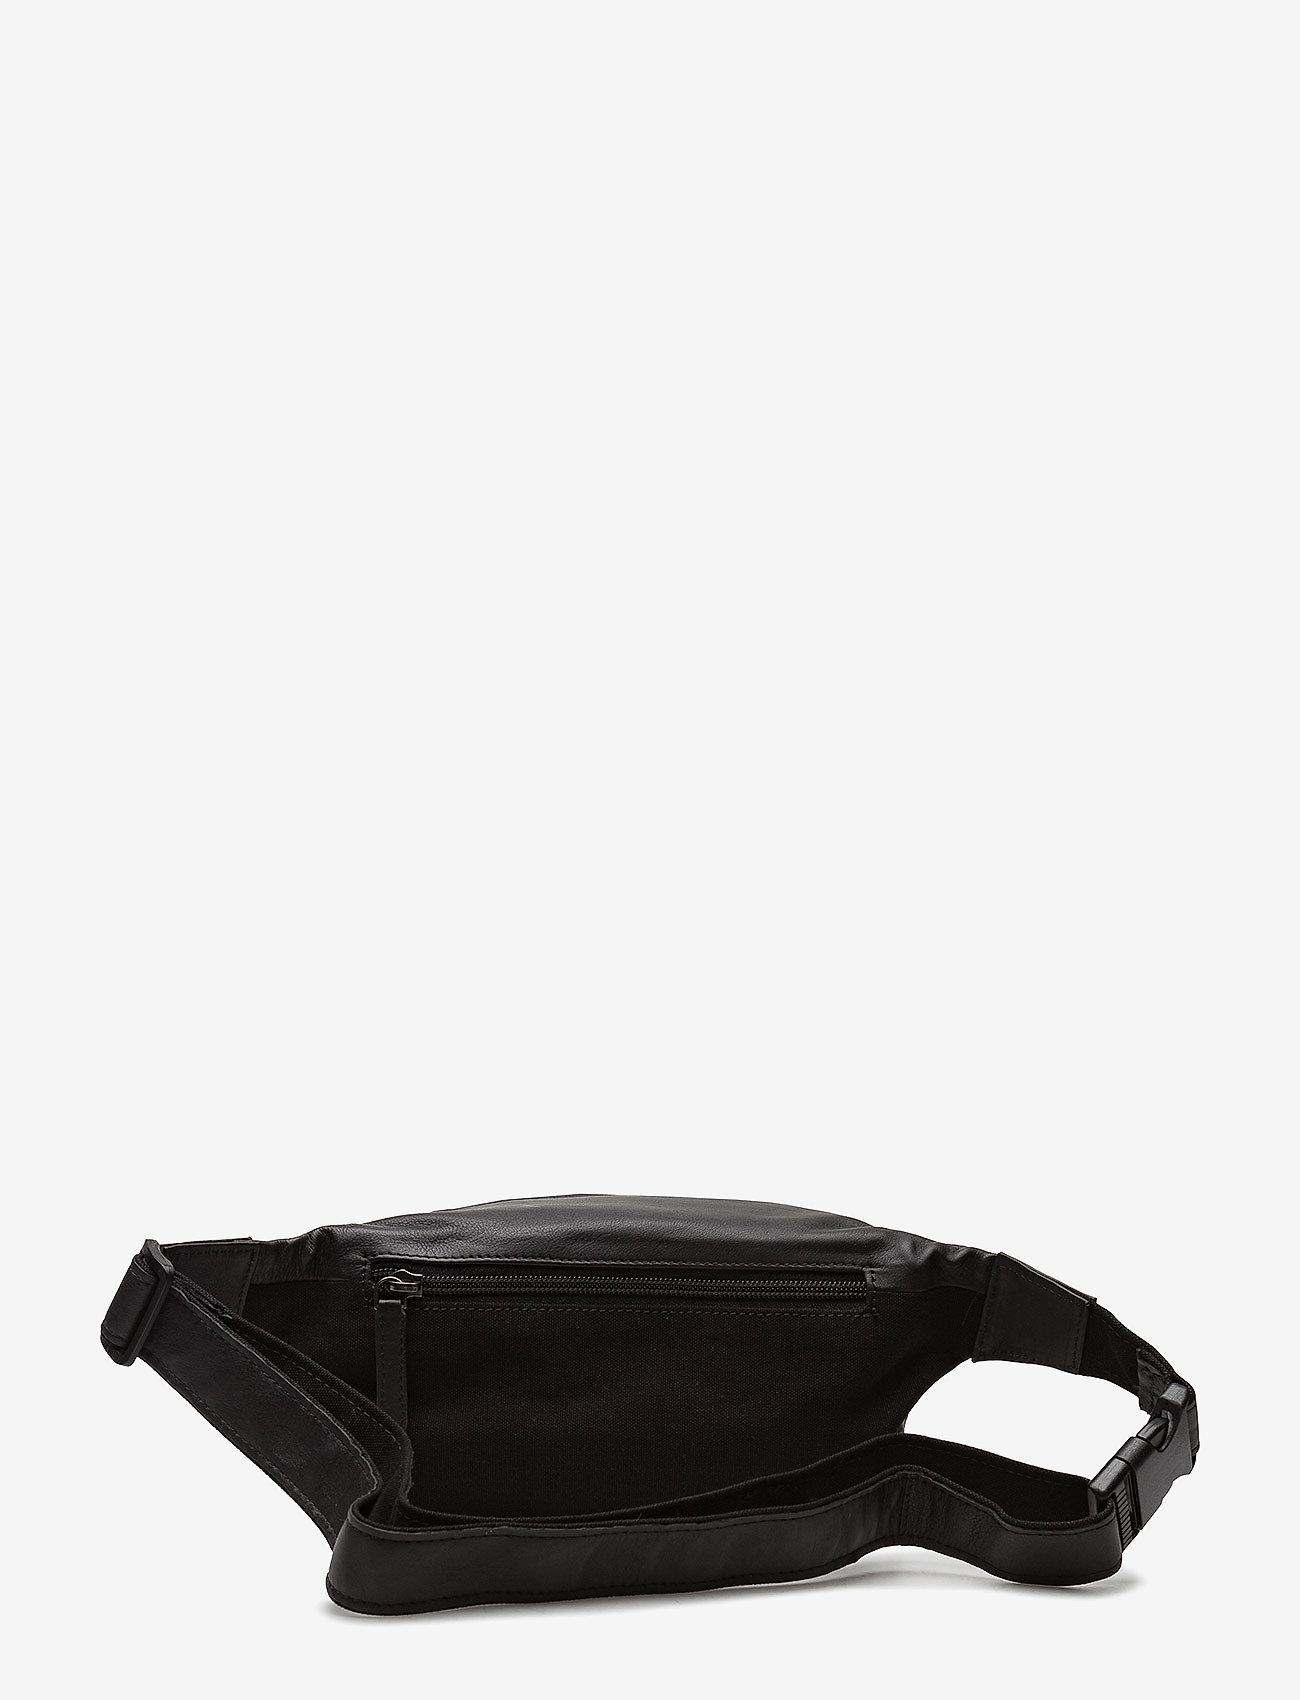 Fundamental Bum Bag (Black) - Royal RepubliQ 2Cv9Rr